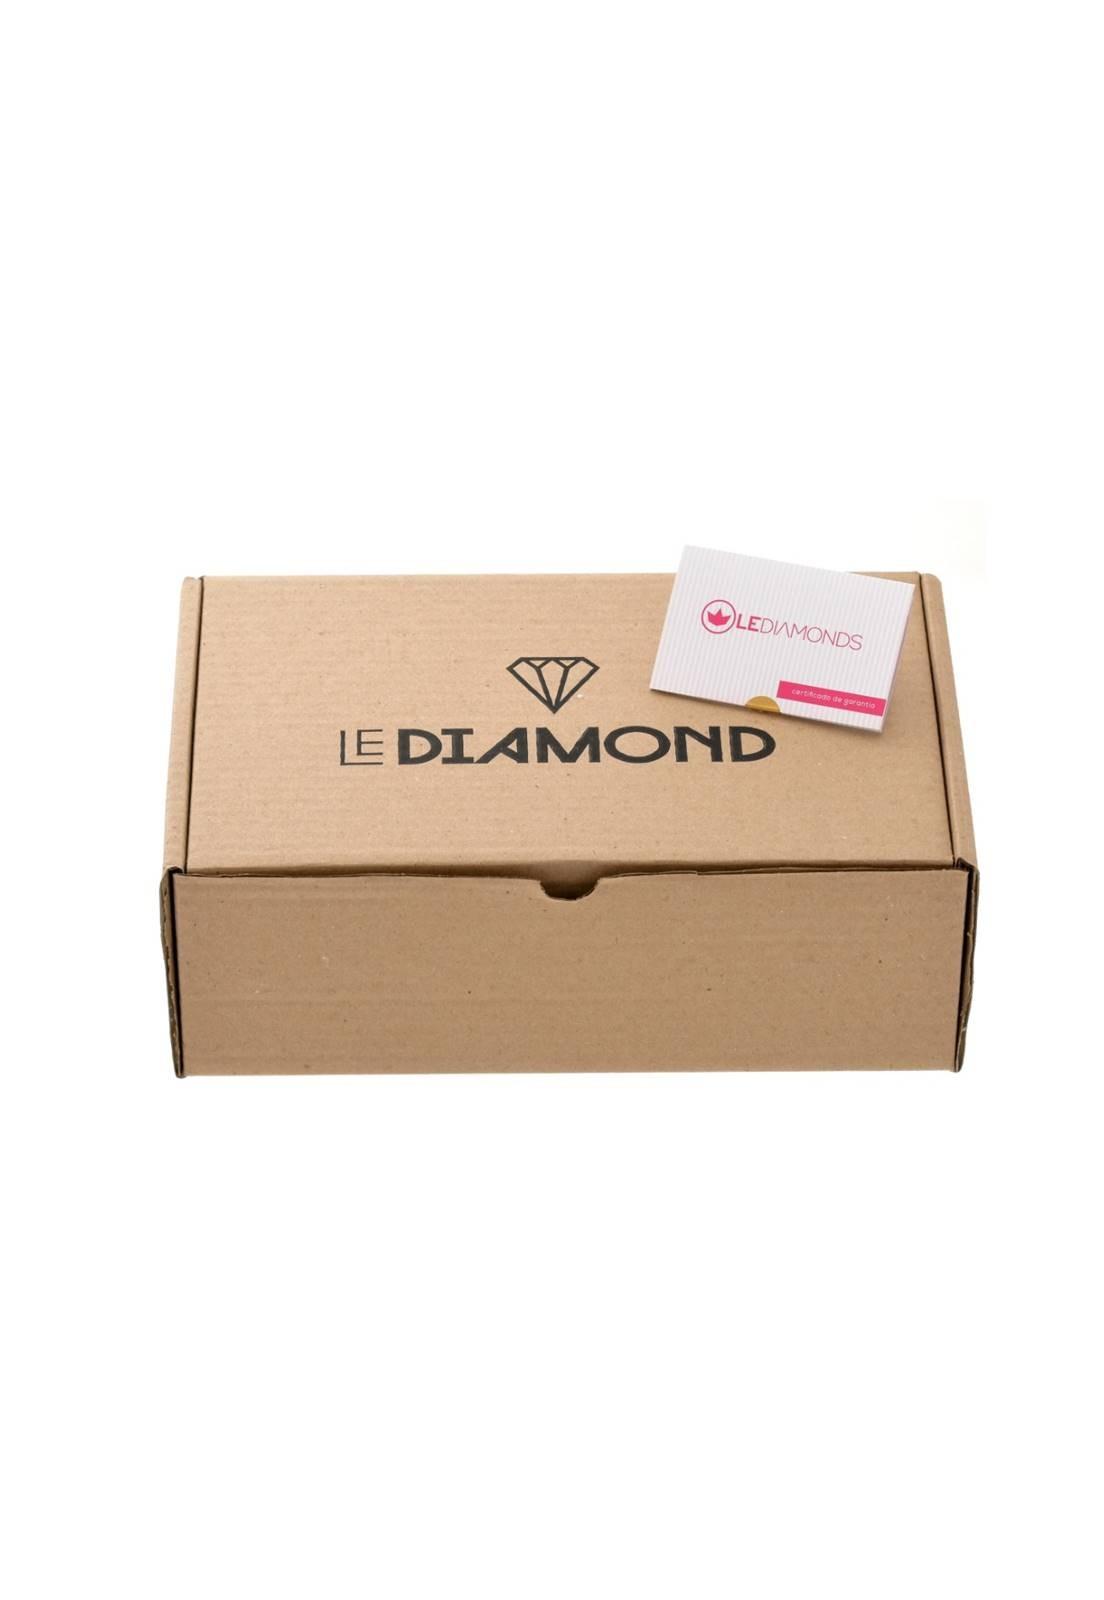 Pulseira Le Diamond Couro Trançado Preto